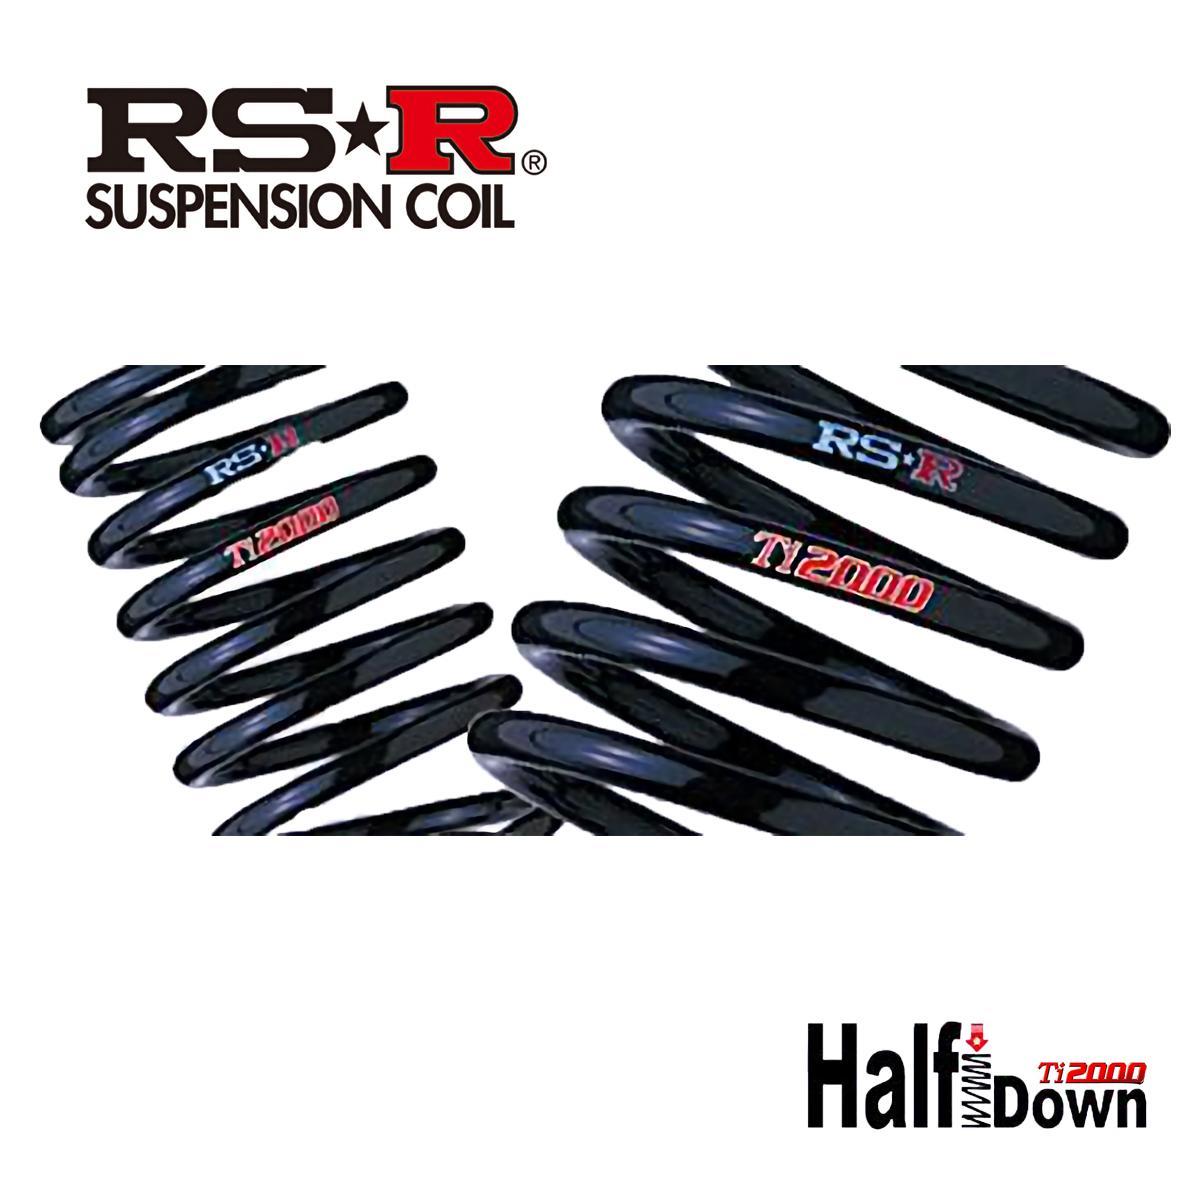 RS-R パッソ X Lパッケージ・S M700A ダウンサス スプリング リアのみ T410THDR Ti2000 ハーフダウン RSR 個人宅発送追金有